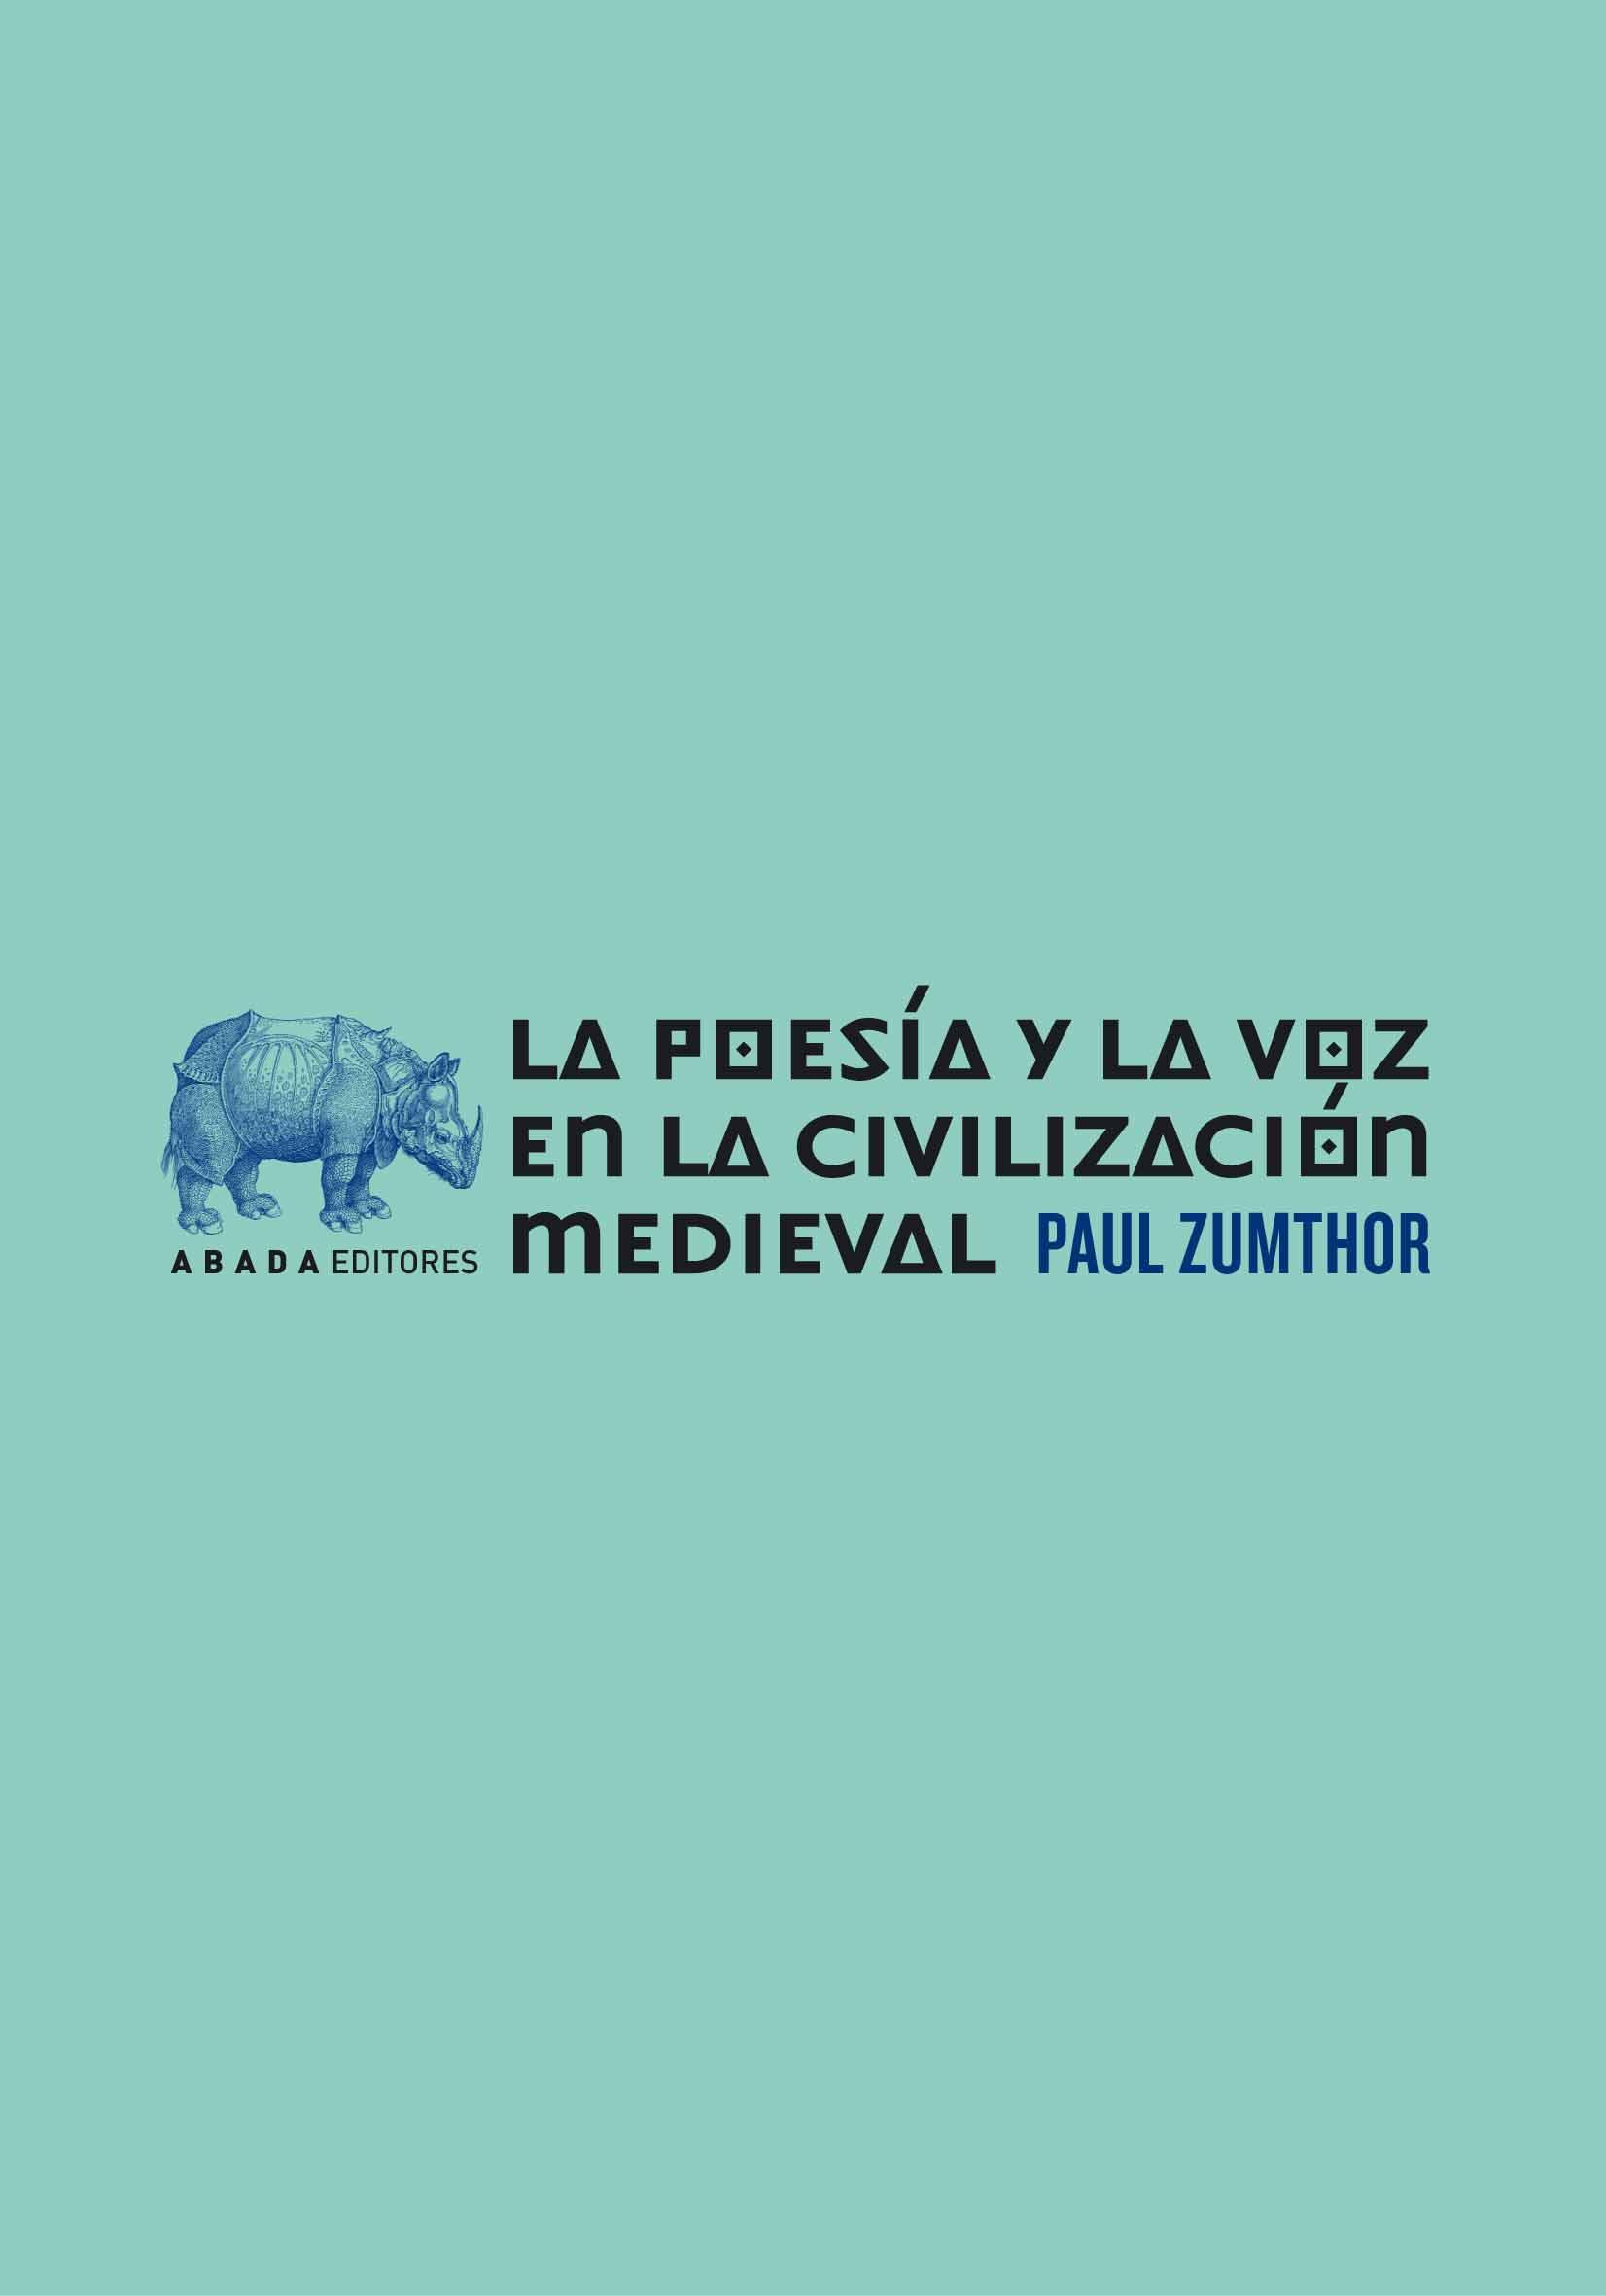 POESIA Y LA VOZ EN LA CIVILIZACION MEDIEVAL,LA: portada